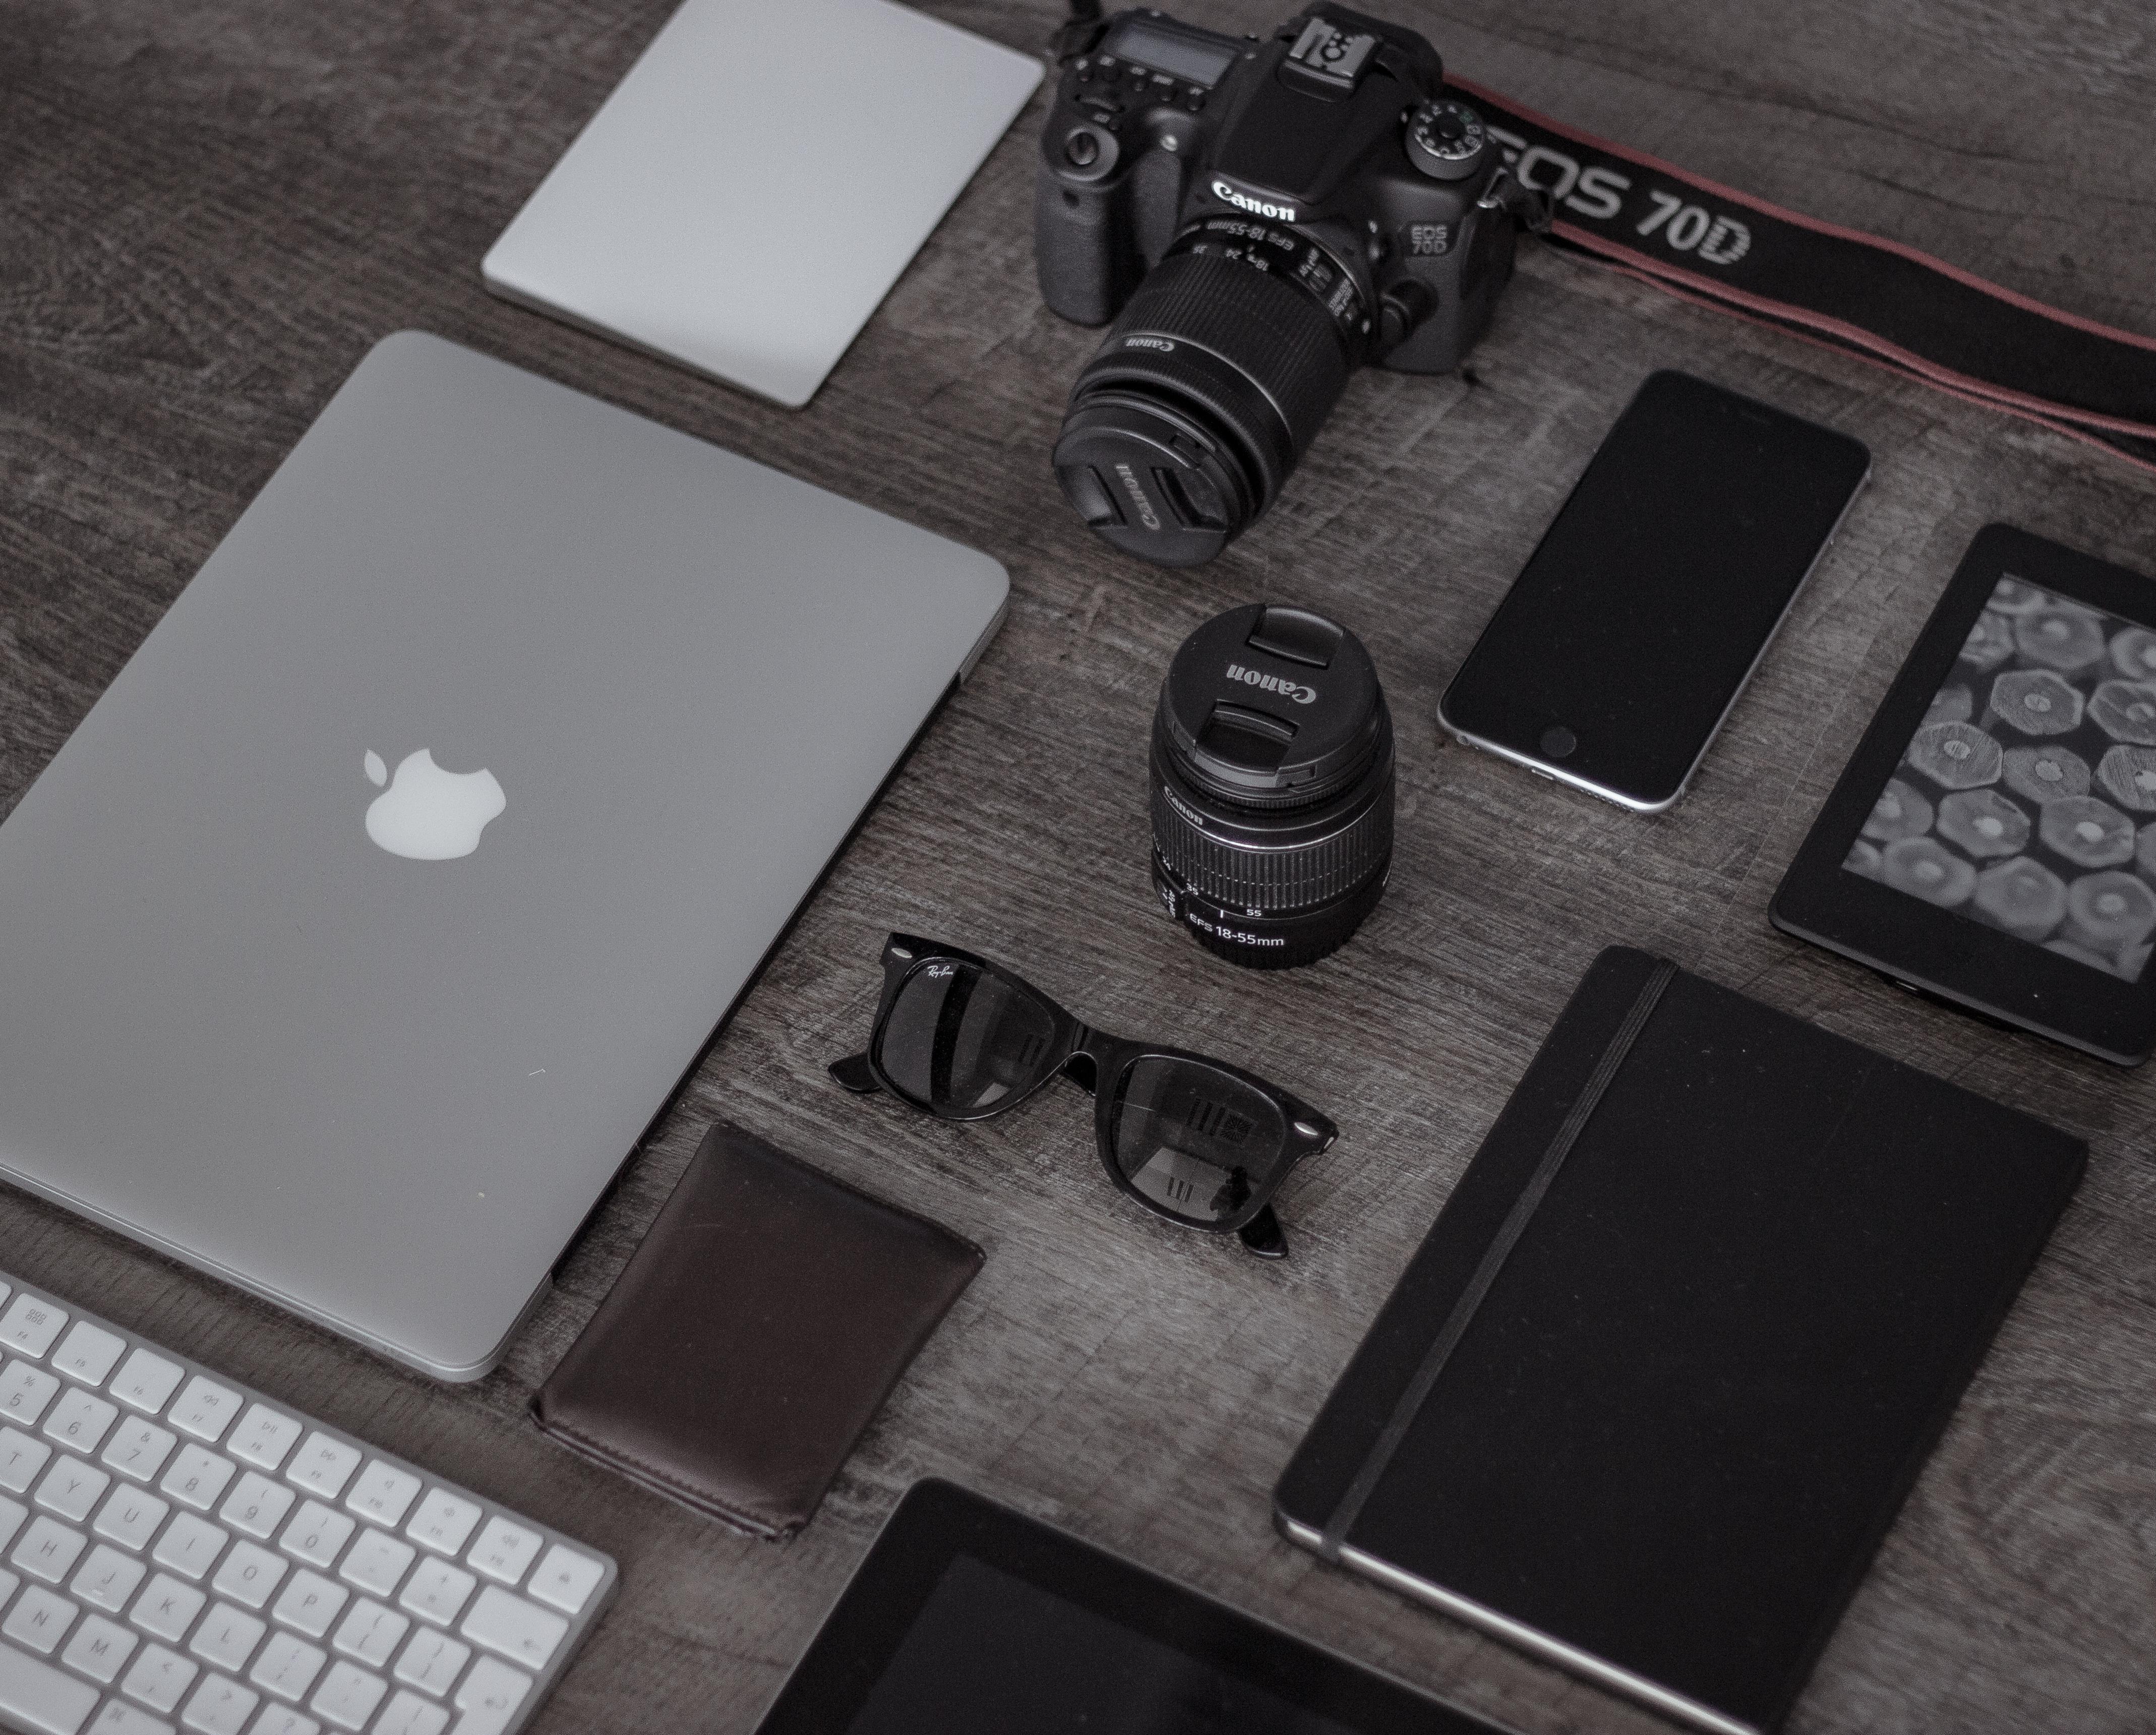 Notebook, Kamera, Smartphone auf einem Tisch liegend